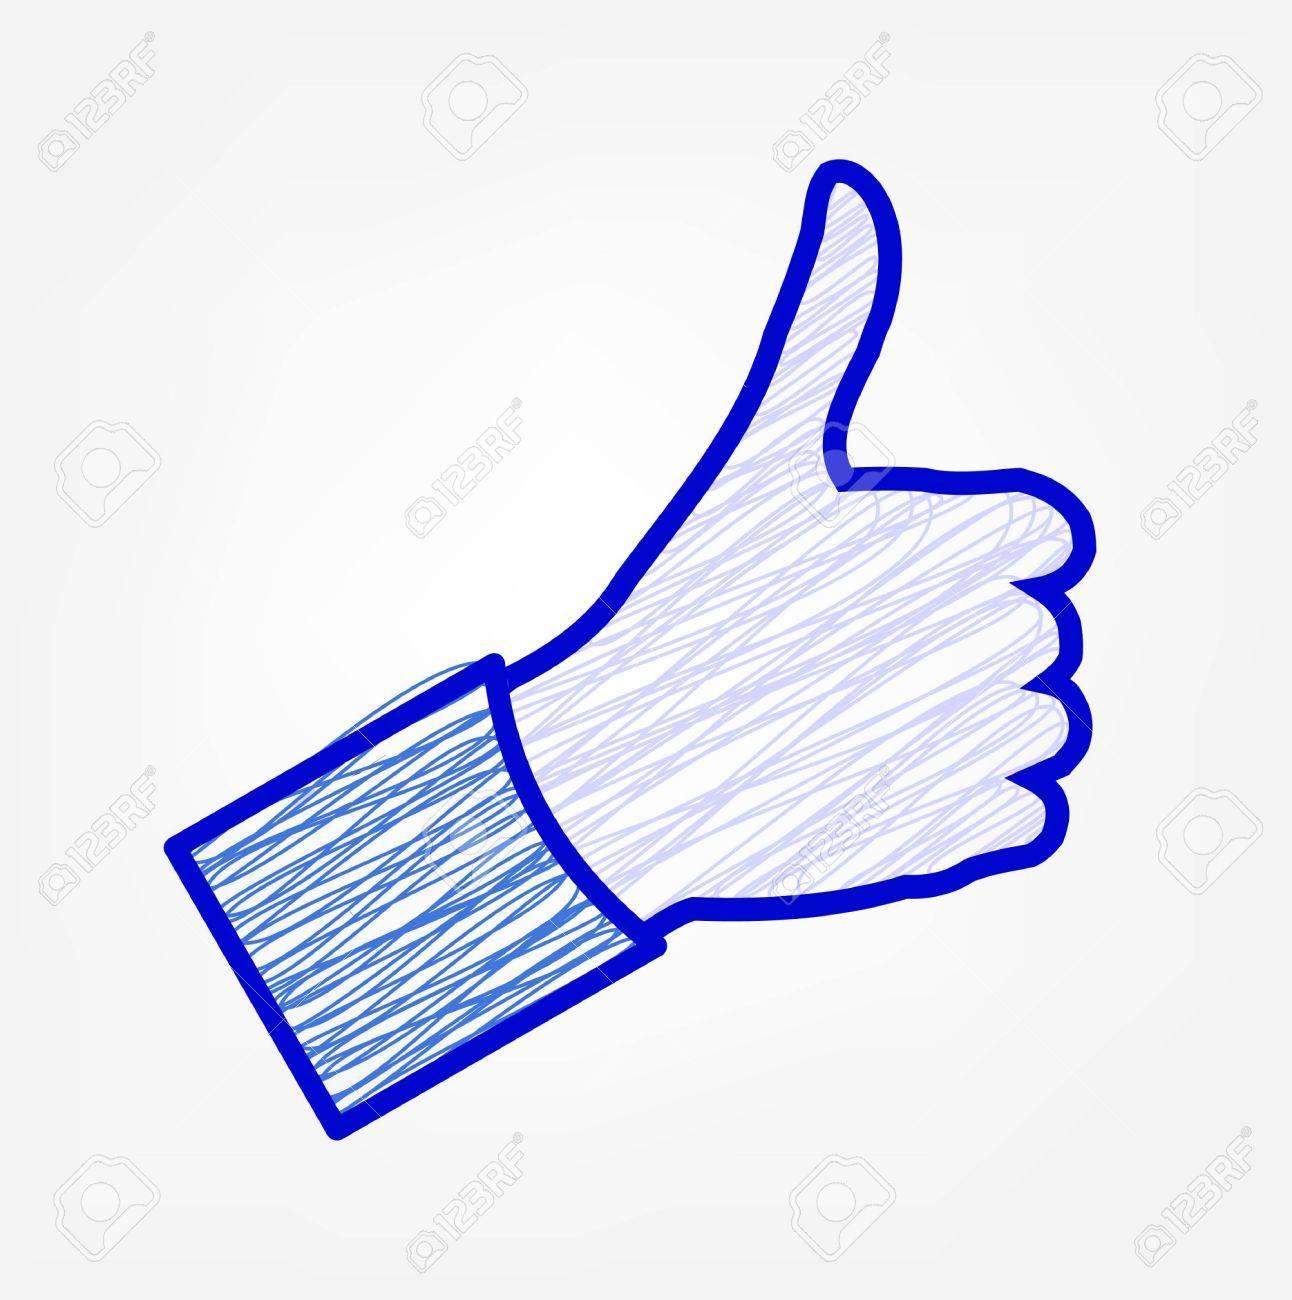 Thumb Up Stock Photo - 16839737